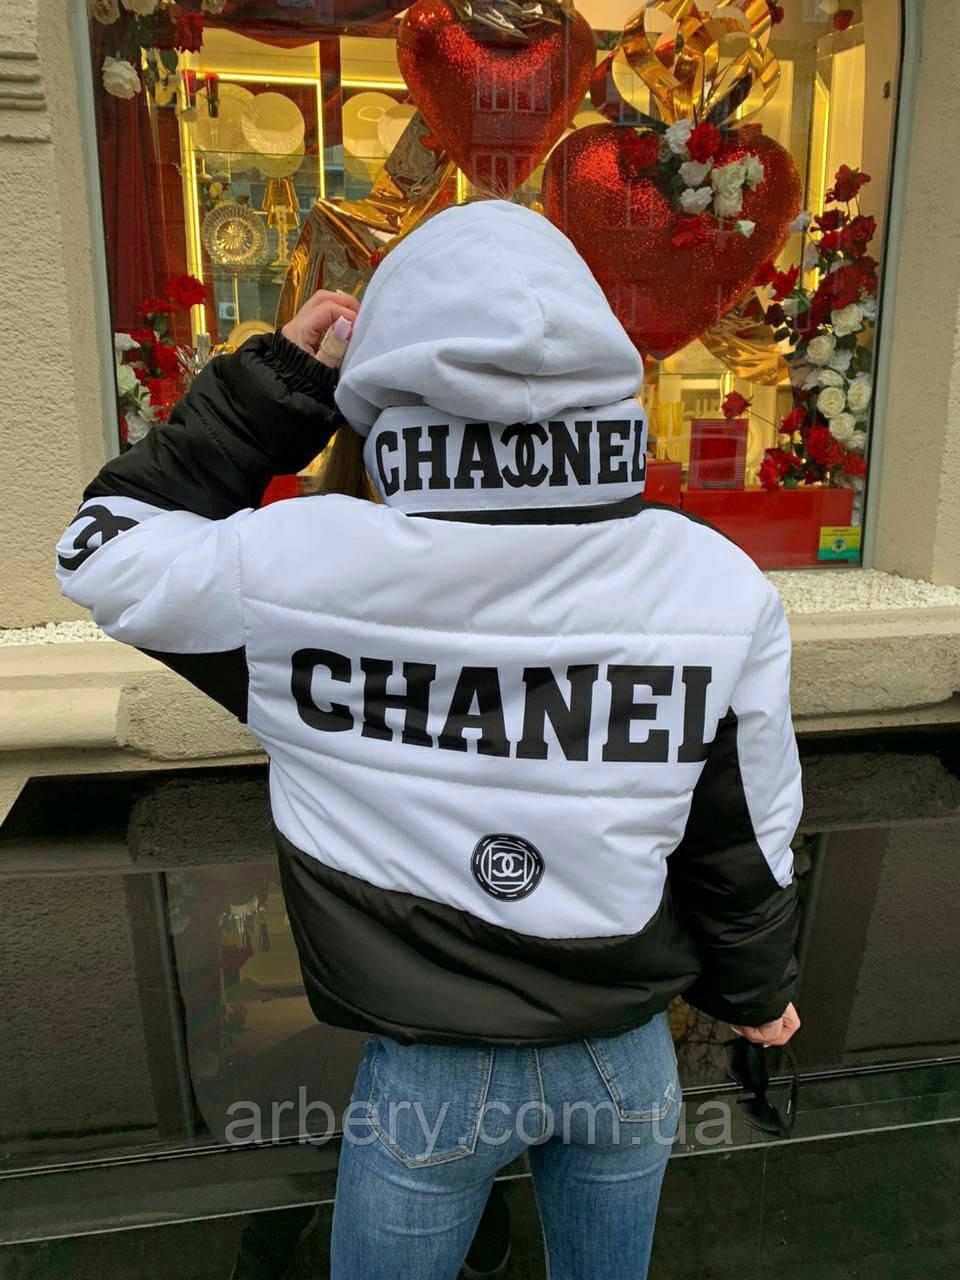 Женская укороченная курточка под бренд